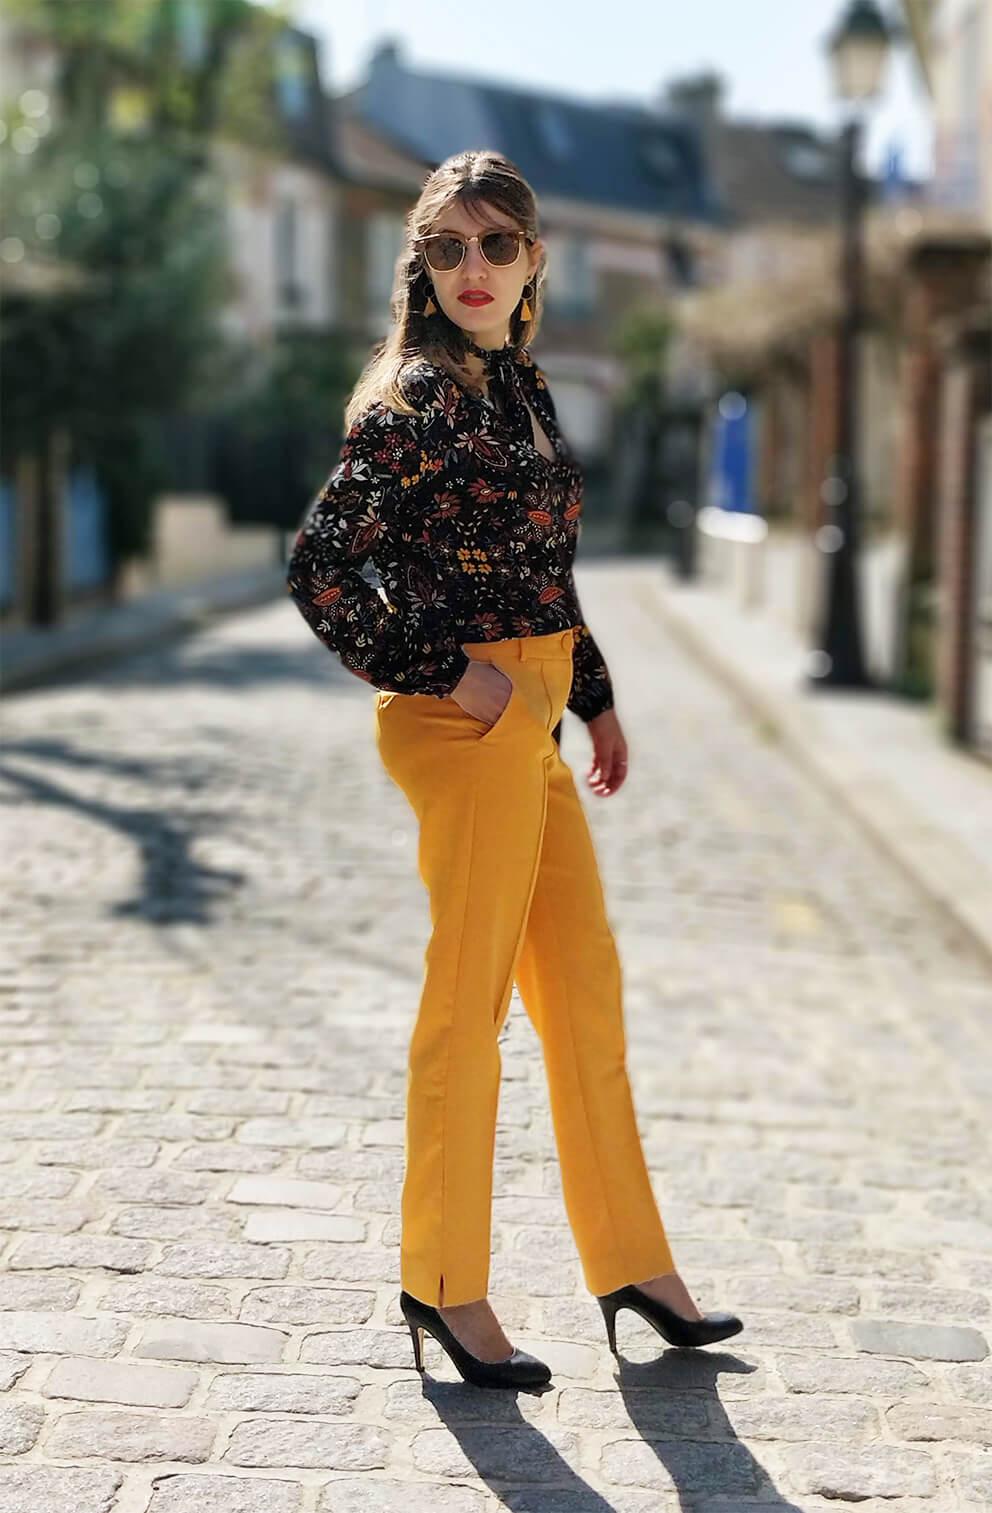 blog 19 janvier tenue pantalon jaune printemps - Du bonheur et de la couleur